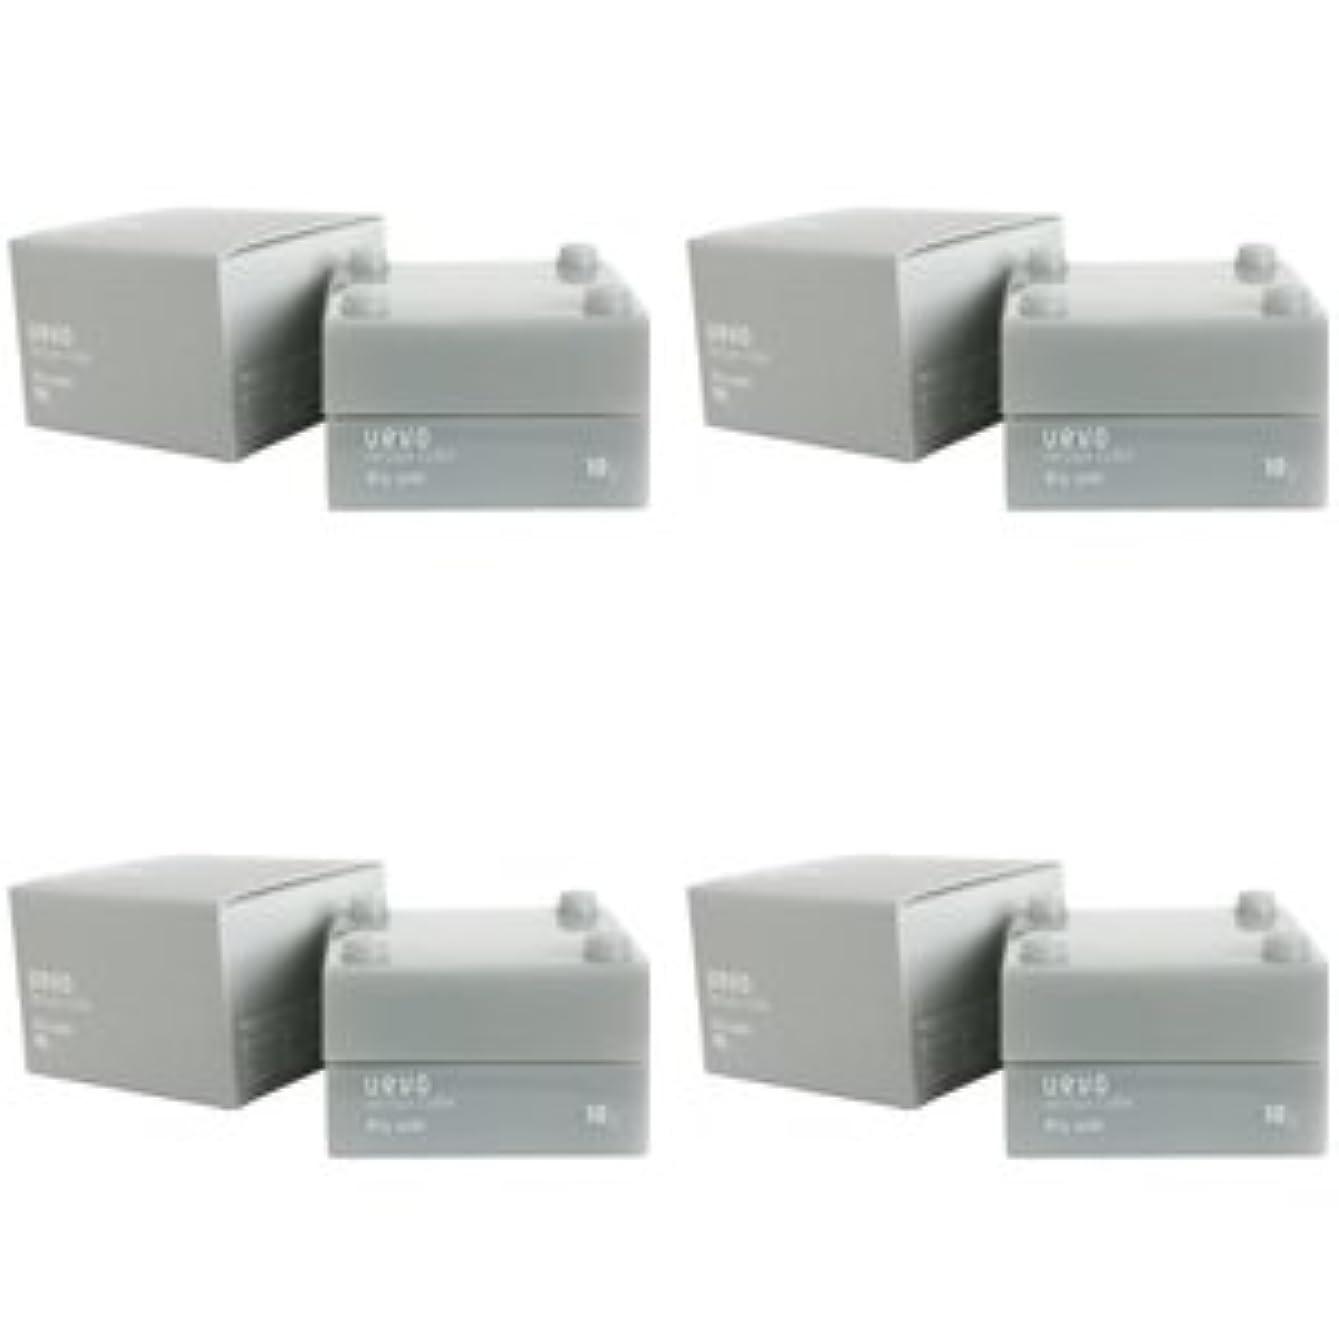 カロリーアクション包囲【X4個セット】 デミ ウェーボ デザインキューブ ドライワックス 30g dry wax DEMI uevo design cube